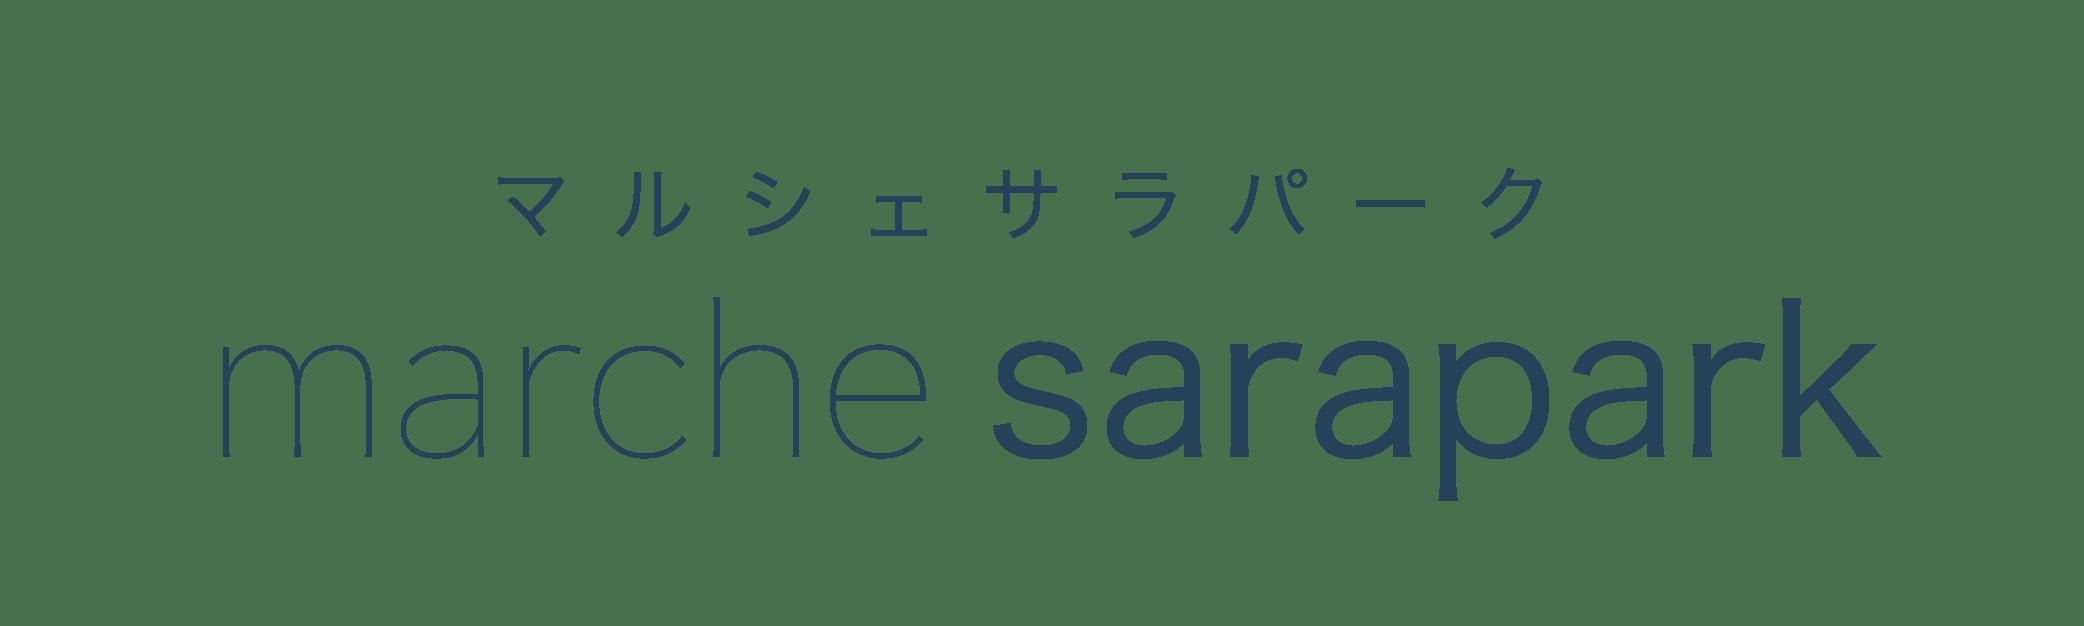 marche sarapark(マルシェサラパーク)